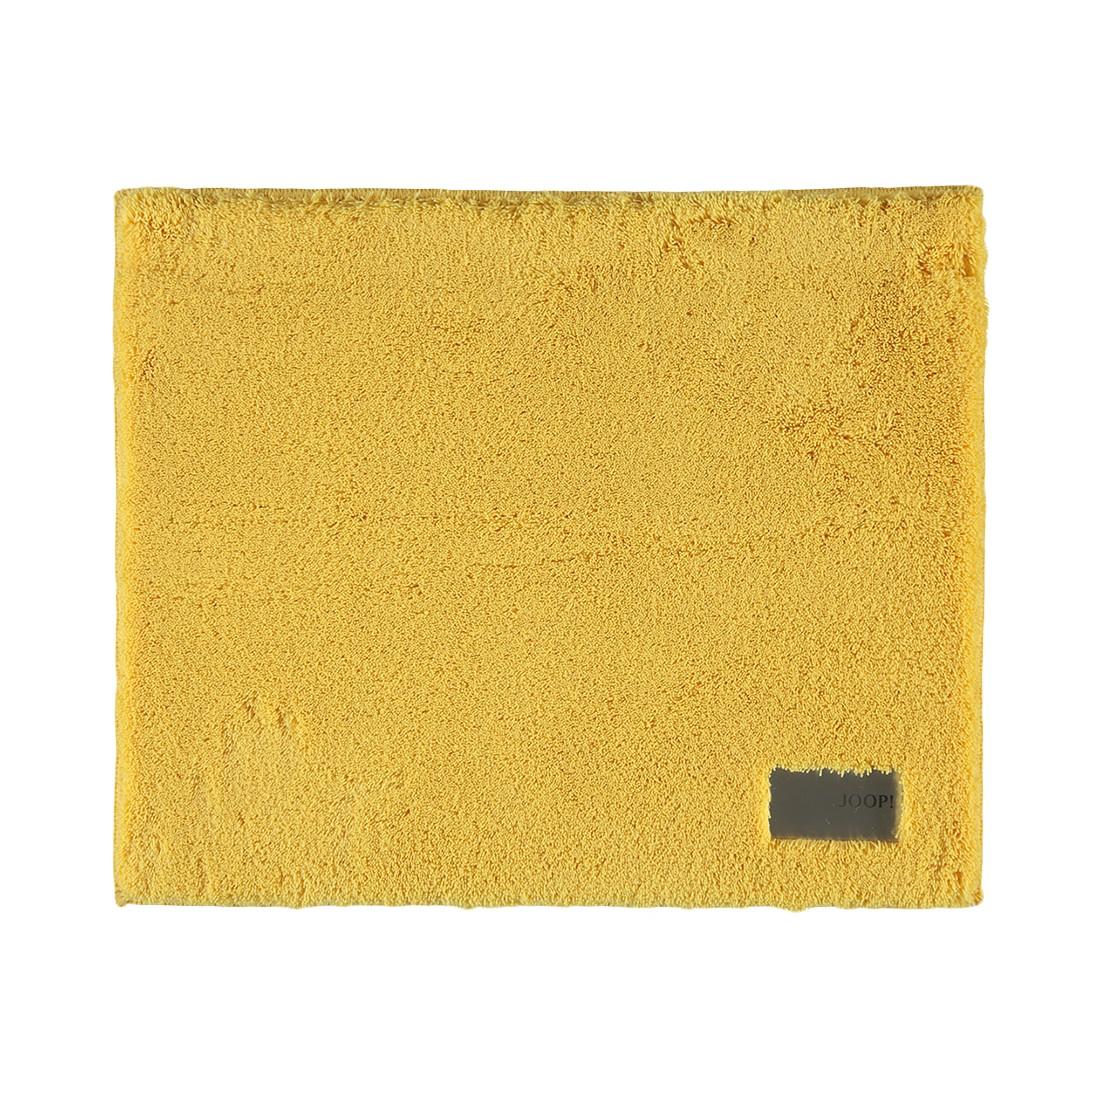 Badteppiche Luxury – Polyacryl – Messing – 70×120 cm, Joop online bestellen